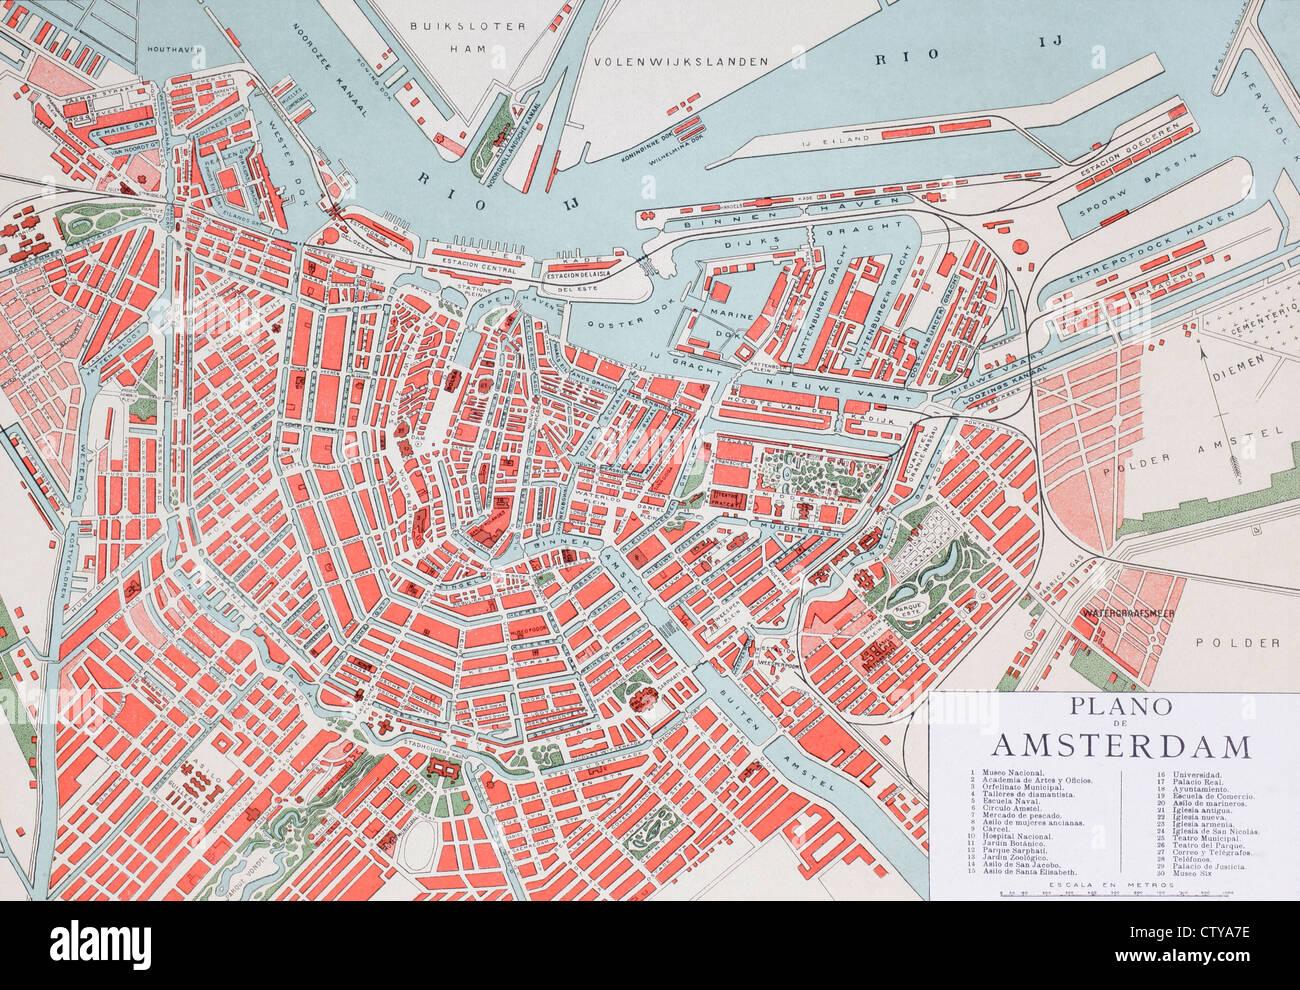 Piano di Amsterdam, Olanda, alla fine del ventesimo secolo. Mappa è edito in lingua spagnola. Immagini Stock